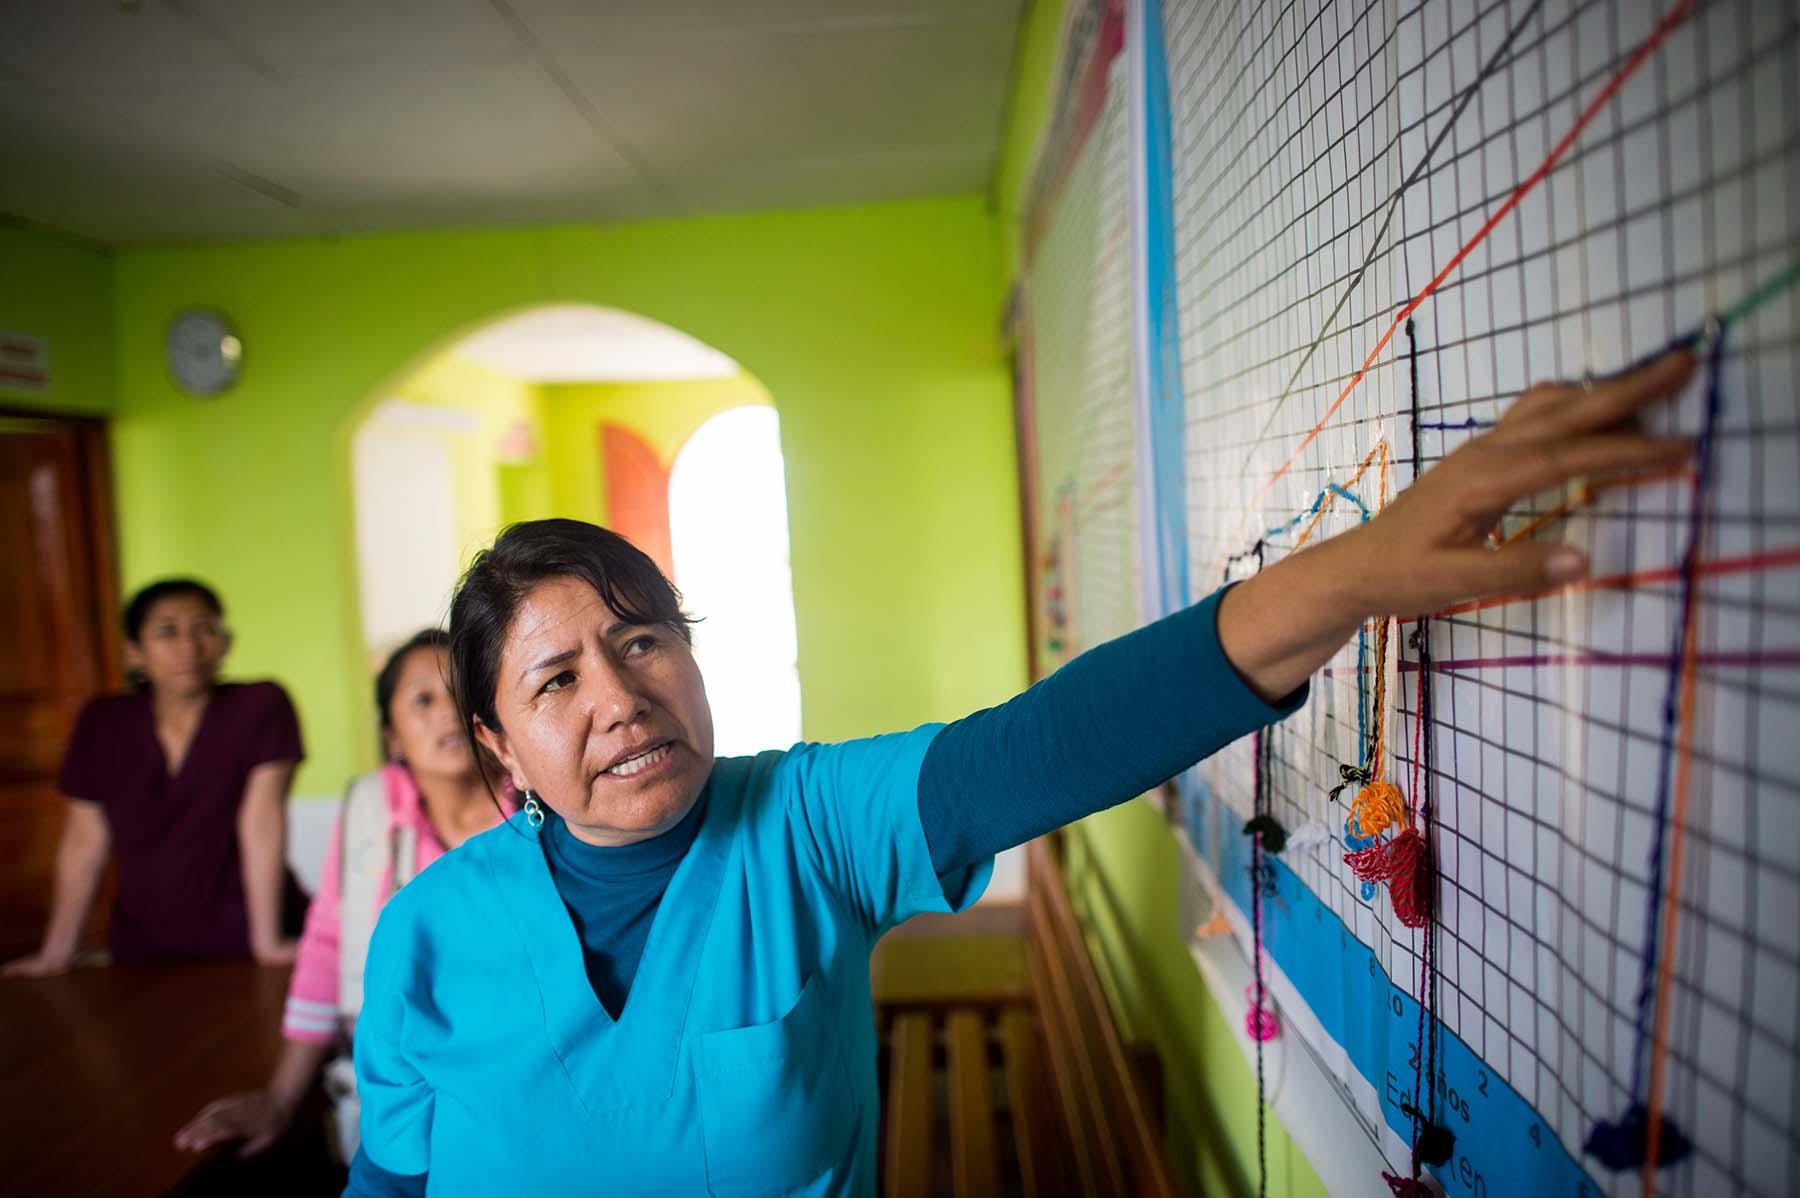 照片中一名医护人员在解释孩子的发育情况,其所在的孕产妇和儿童社区中心负责跟踪了解3岁以下儿童的干预和体重情况。(秘鲁,Sogobamba)